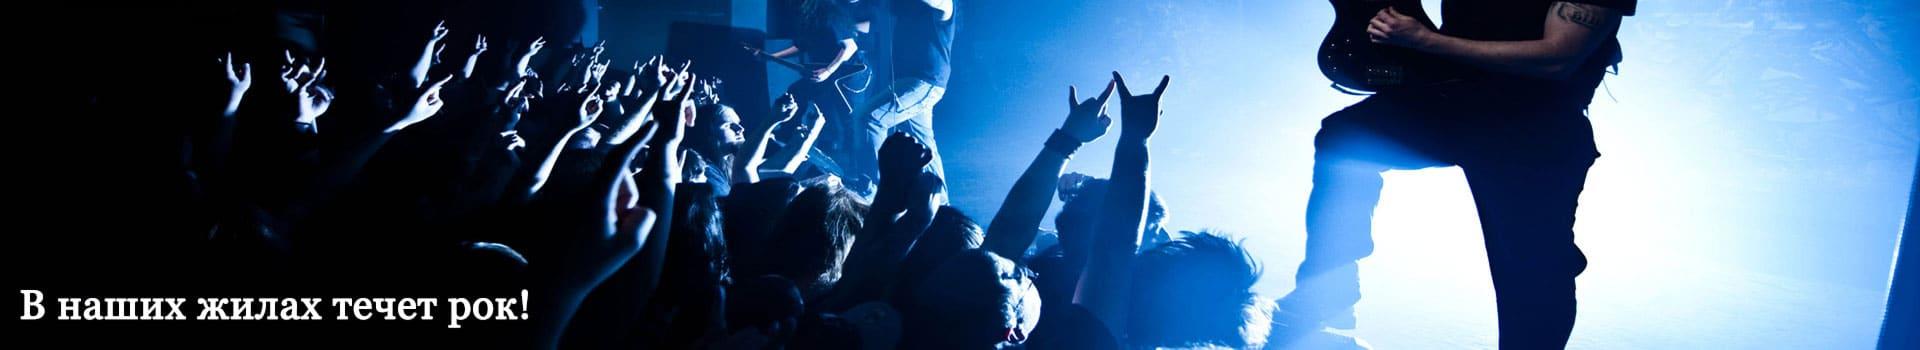 Группа Klaxons – от нью-рейв хитов до современной танцевальной музыки